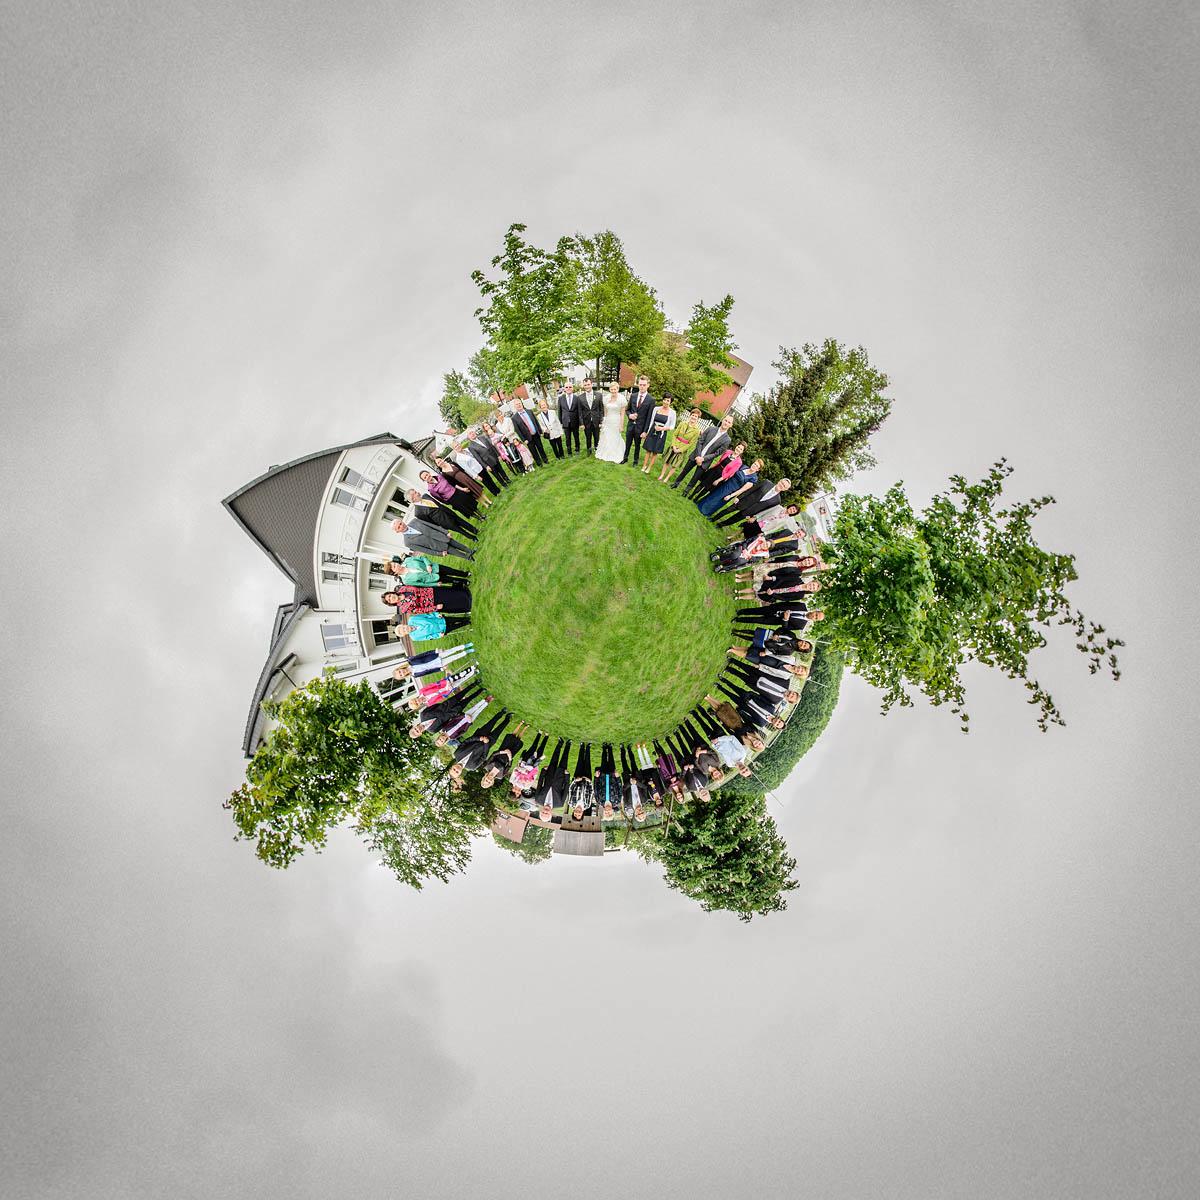 Gruppenfoto - kleine Welt